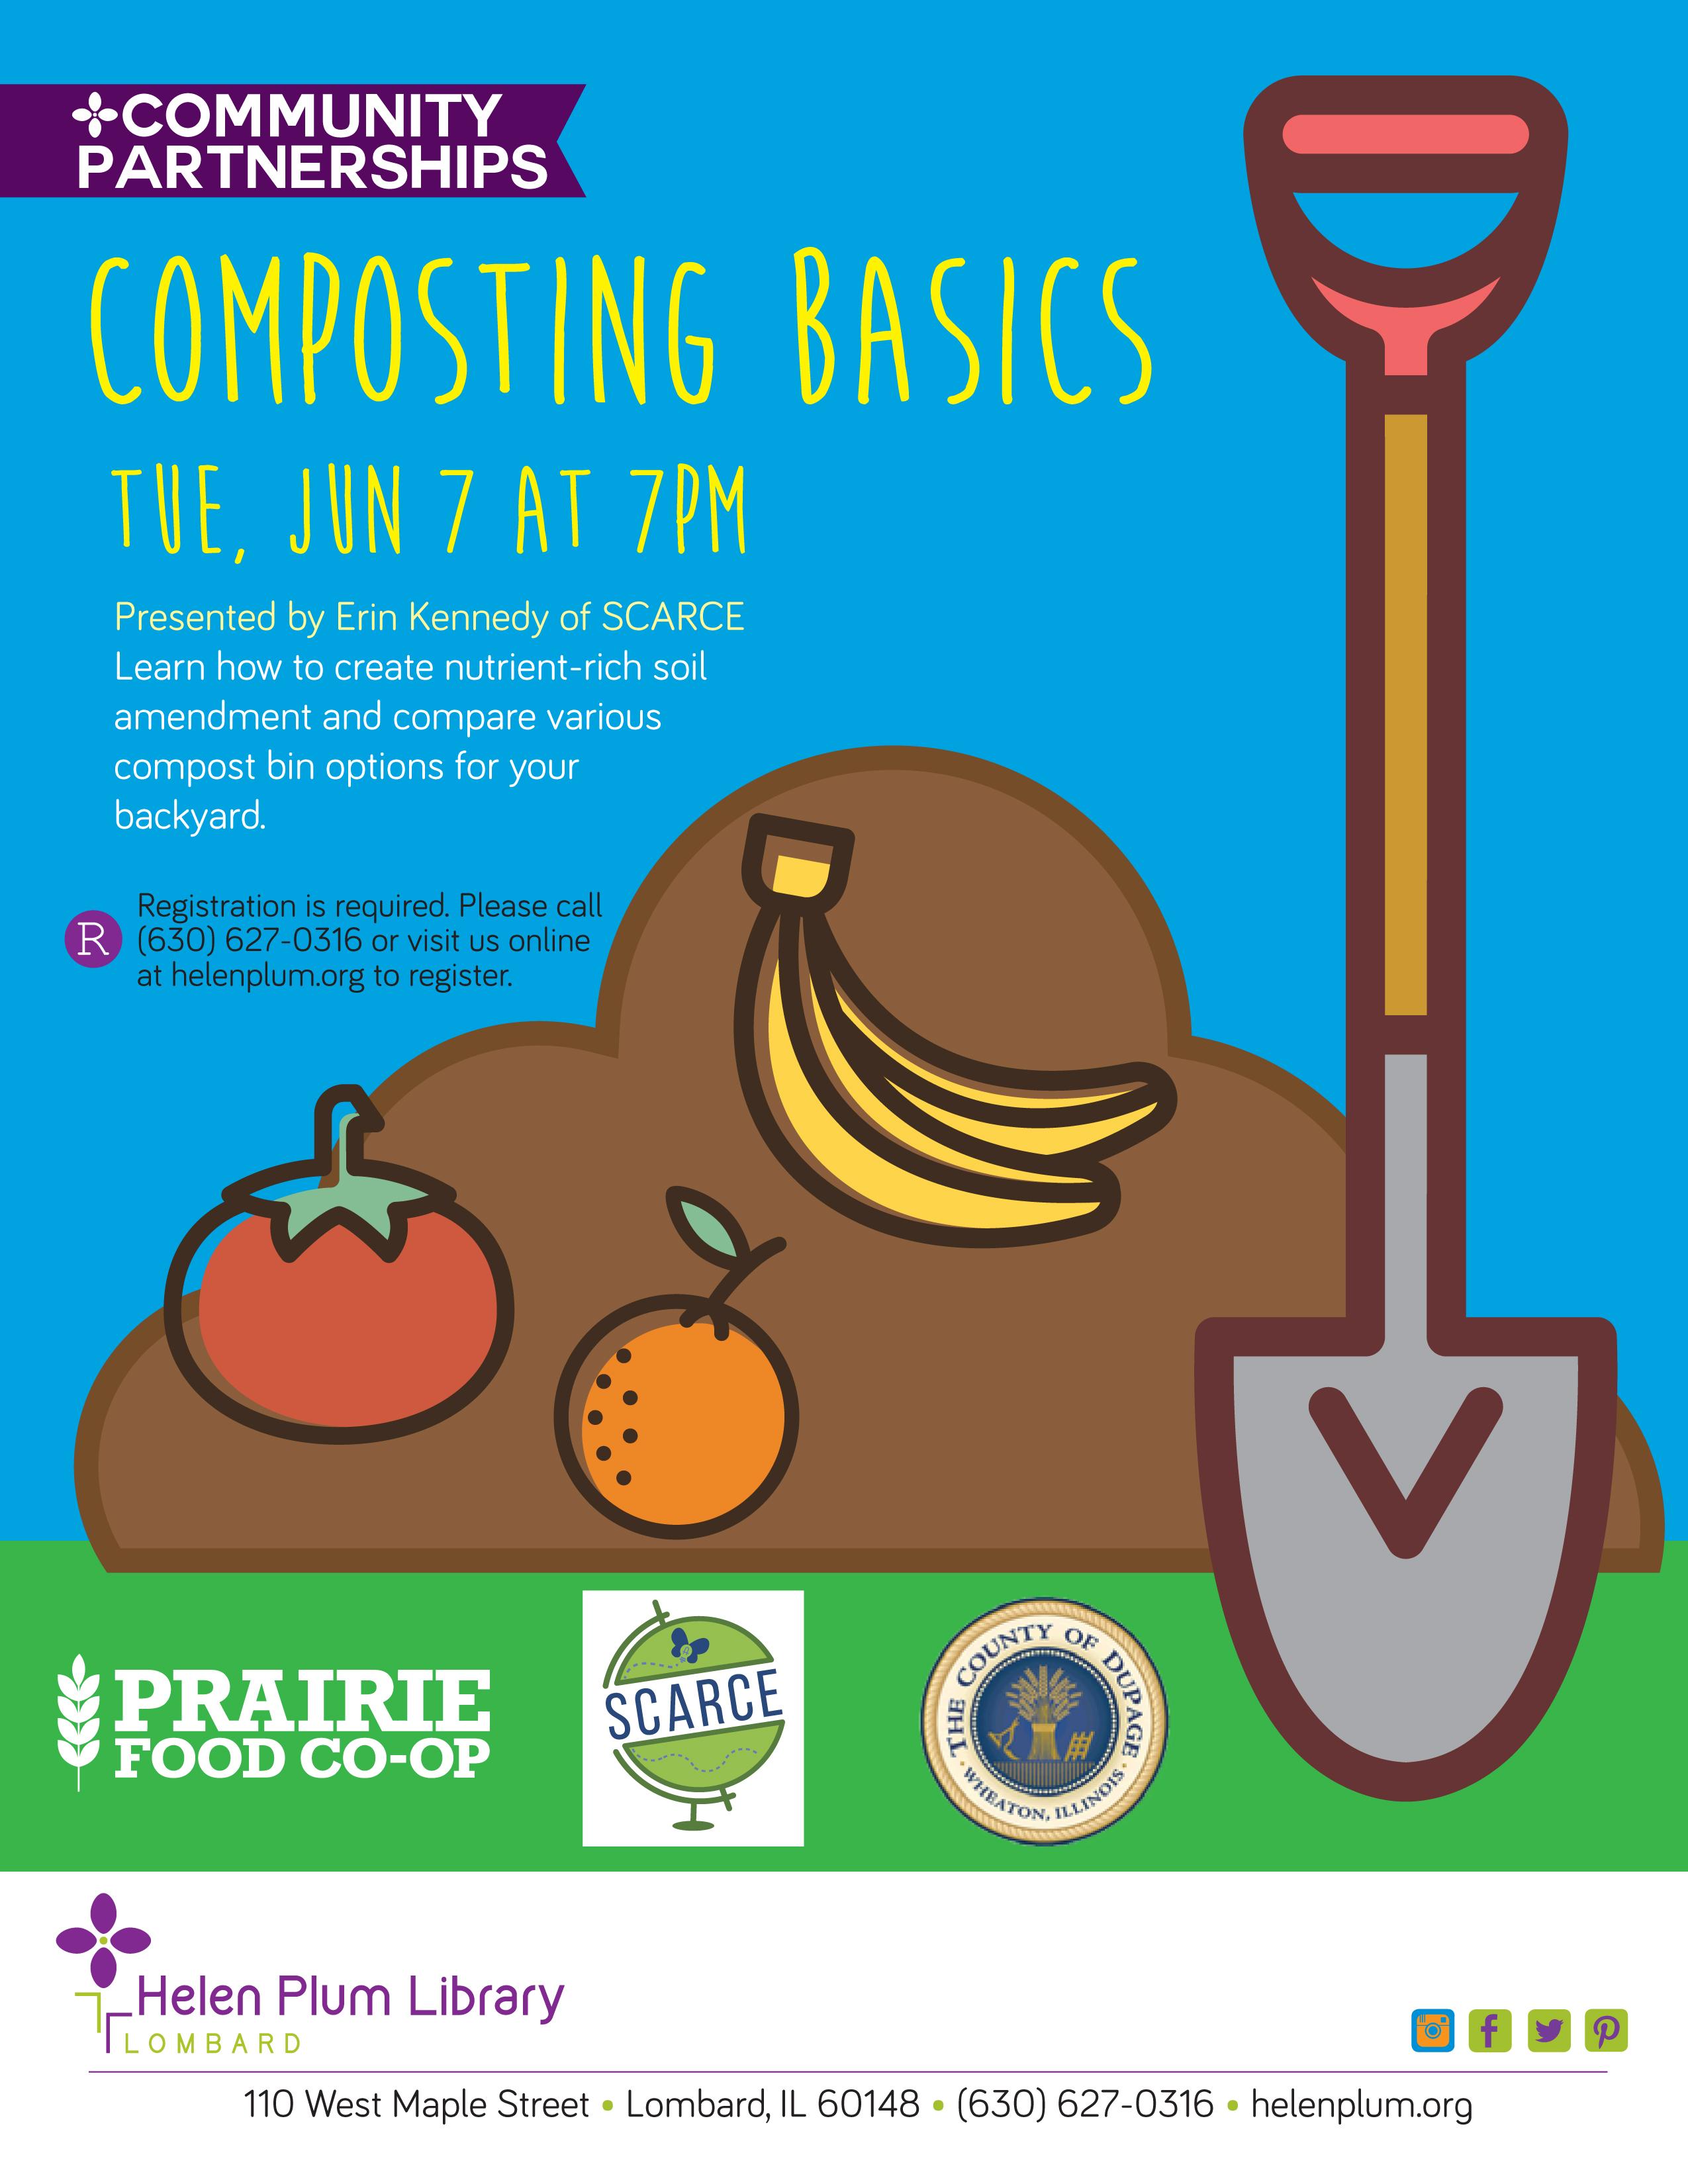 CompostingBasics_Edits.jpg